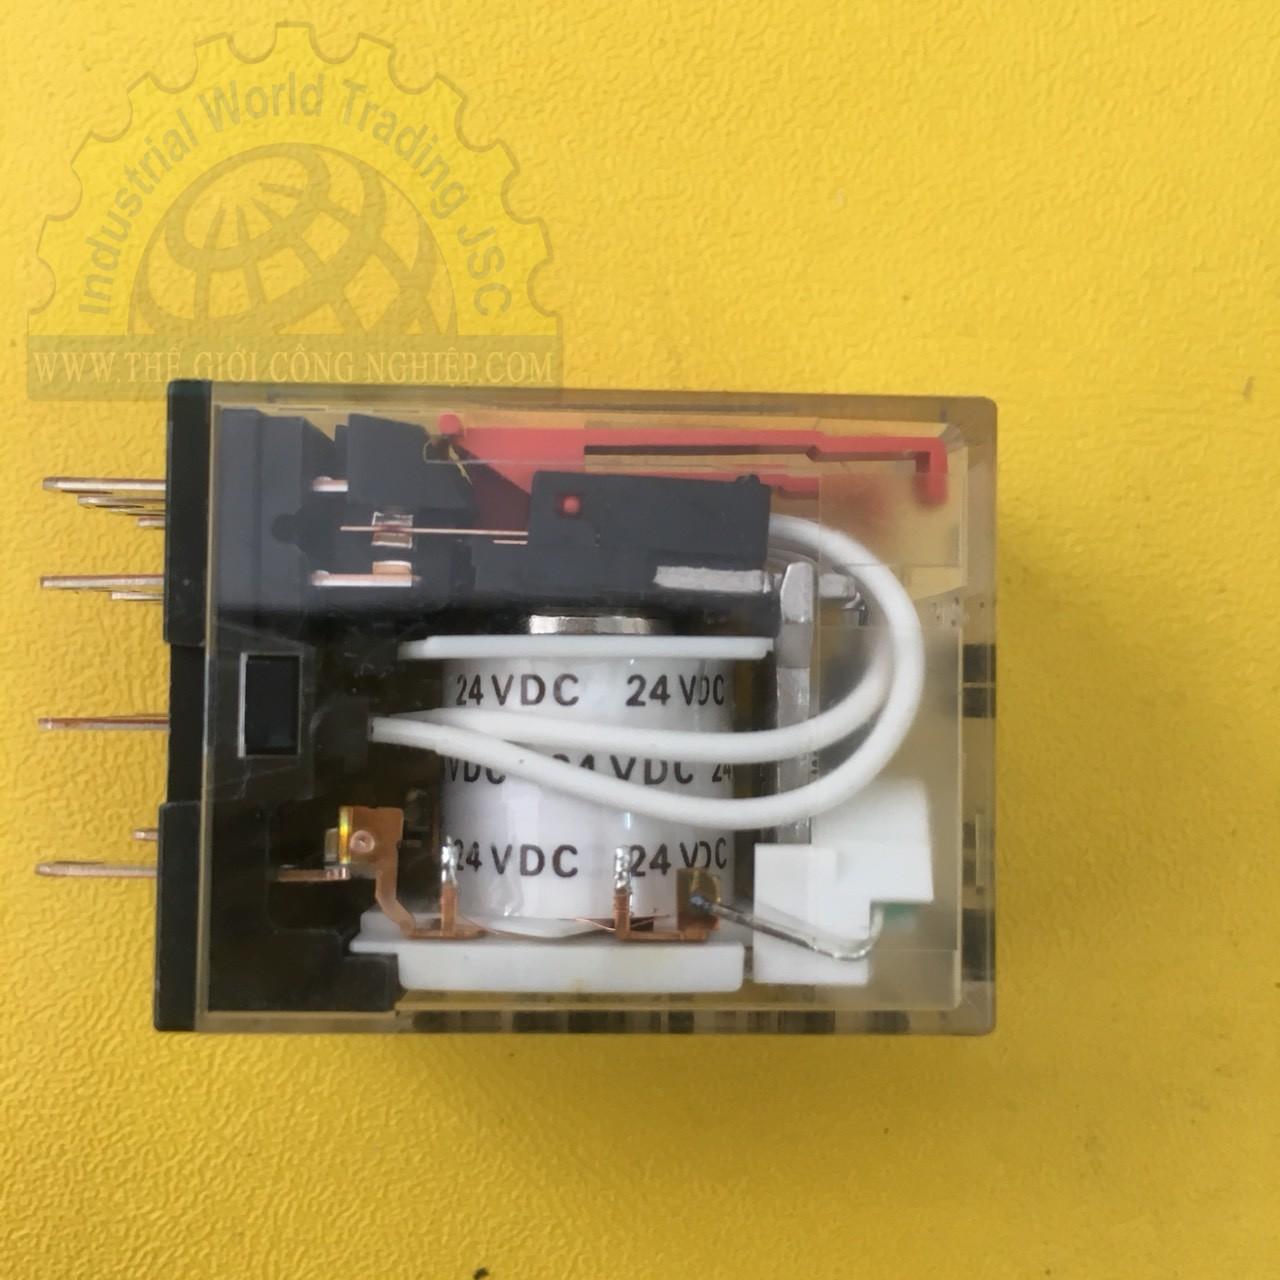 Rơle 14 chân, 24VDC  MY4N-GS DC24 BY OMZ Omron